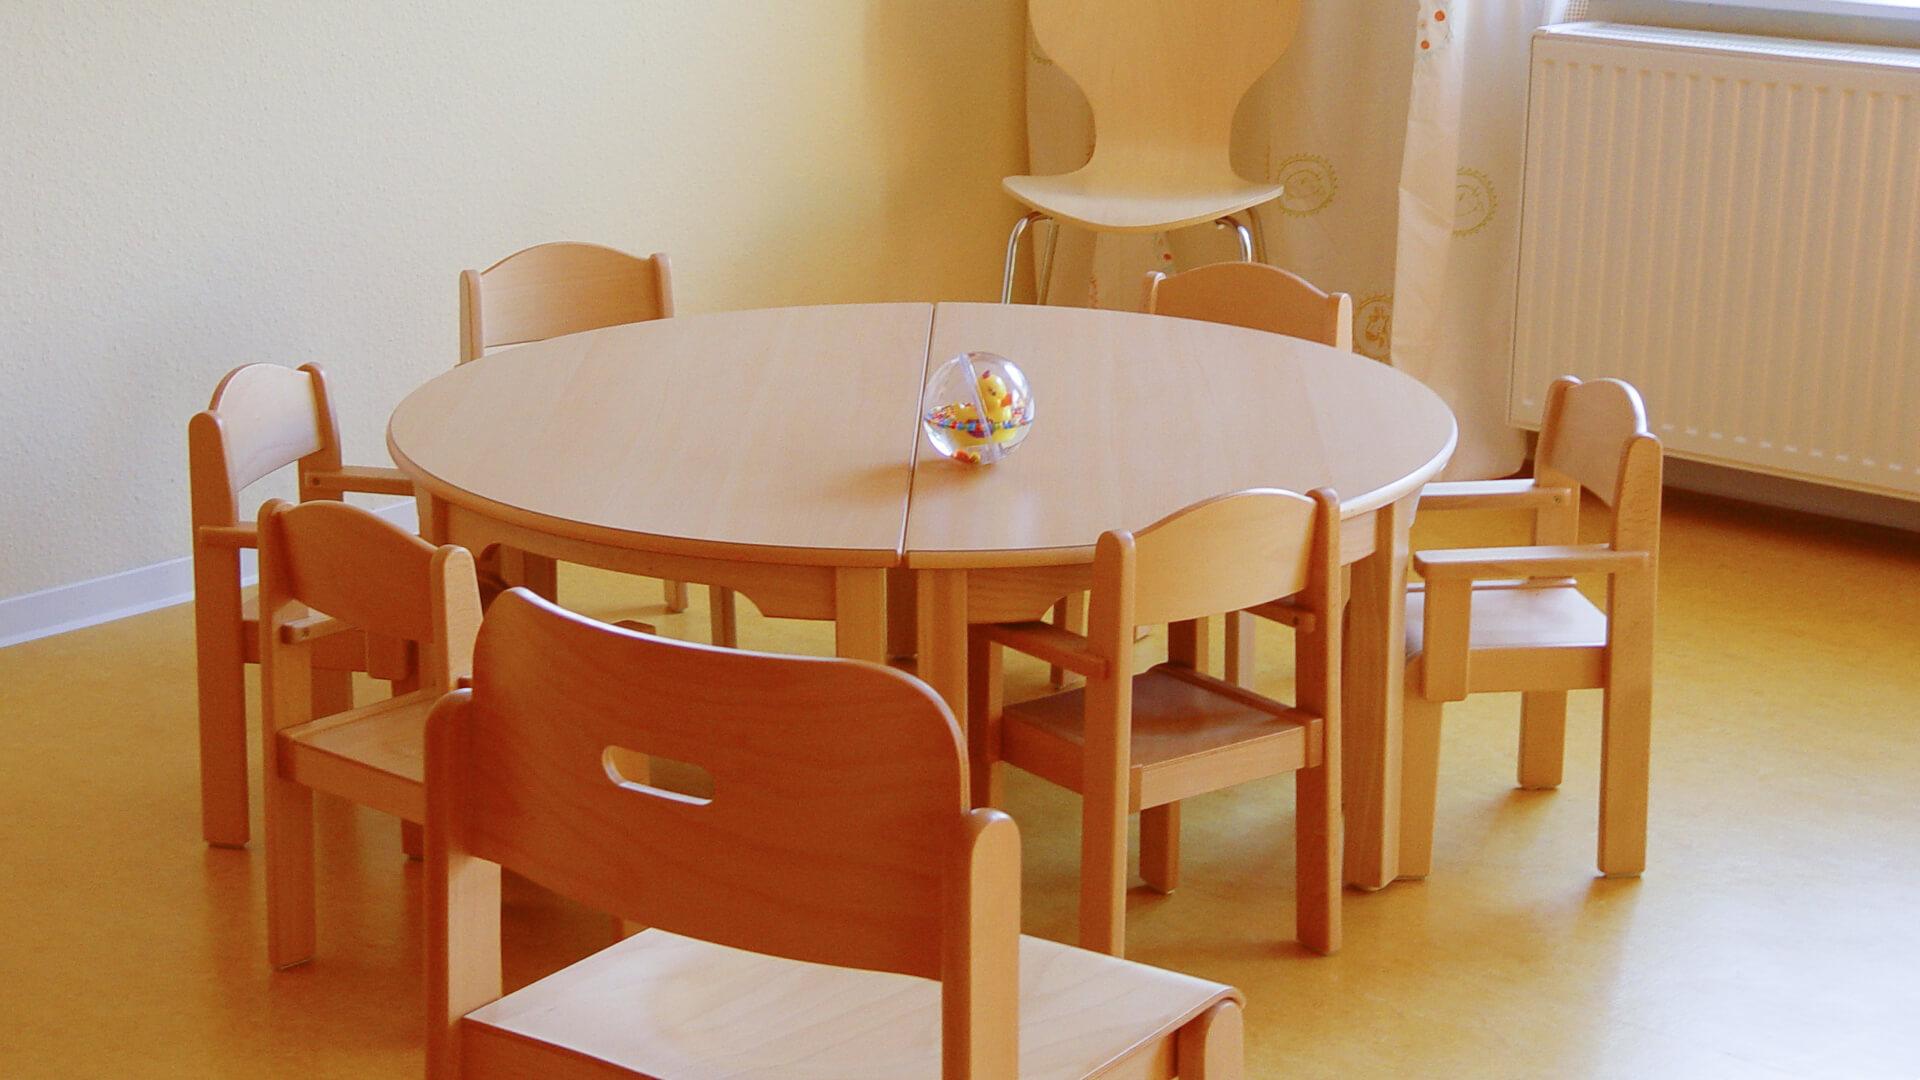 Runder Holztisch mit Stühlen für viele Kinder